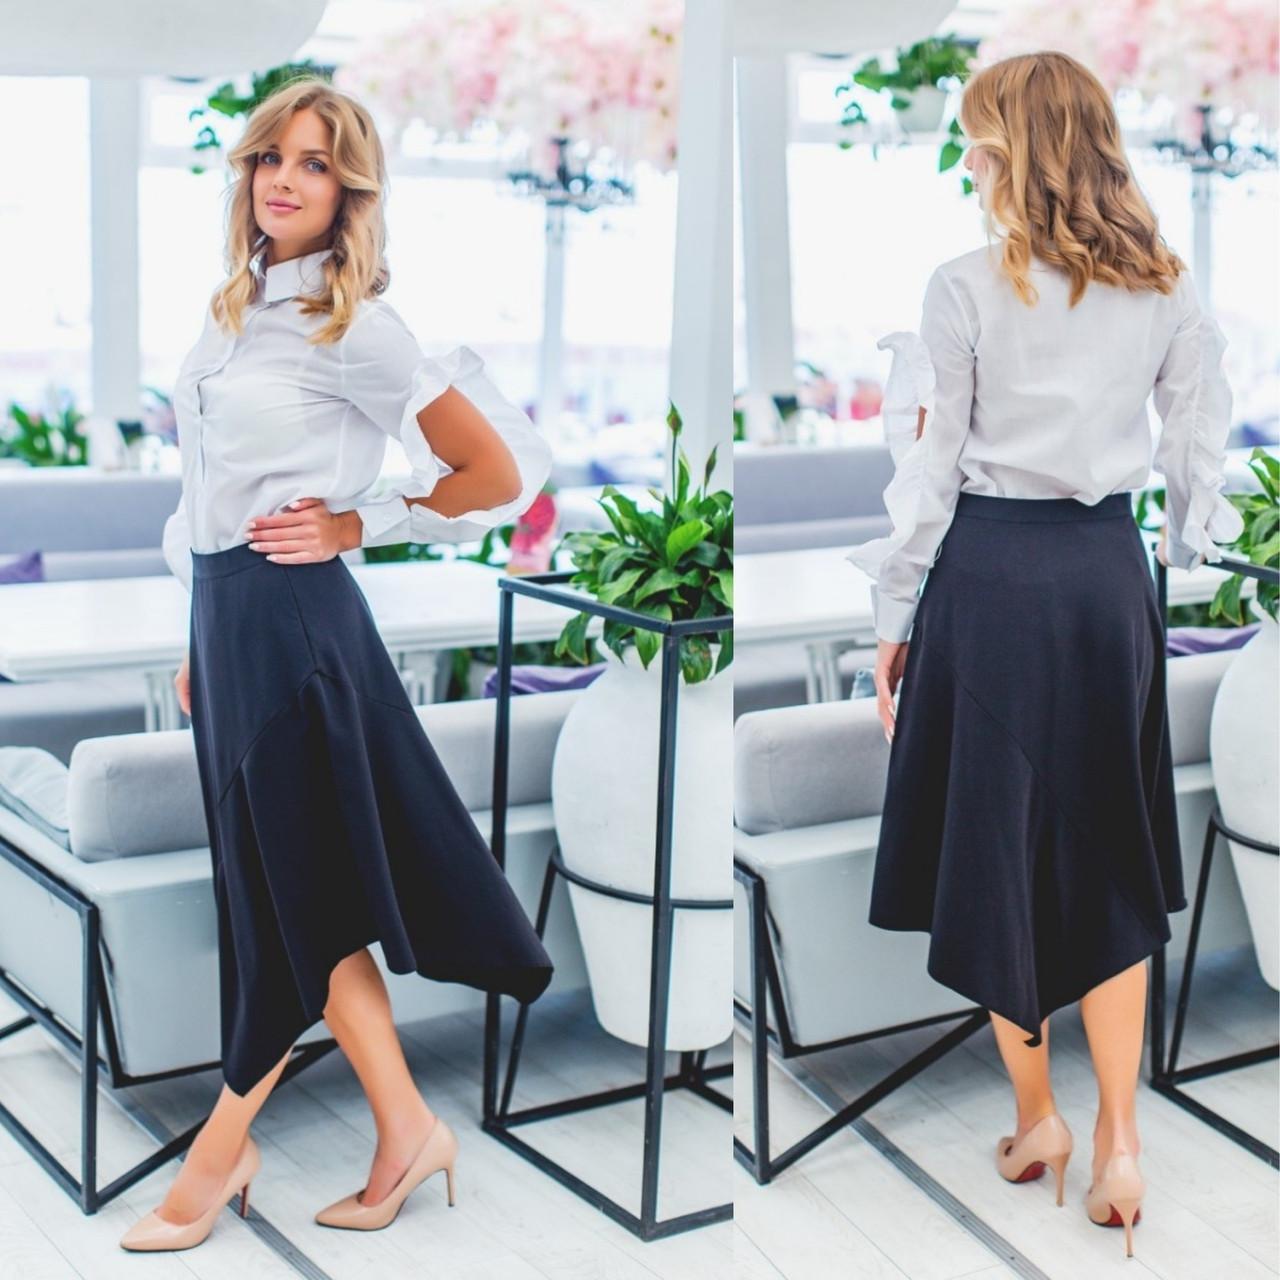 Черная ассиметричная юбка в офисном стиле с завышенной талией